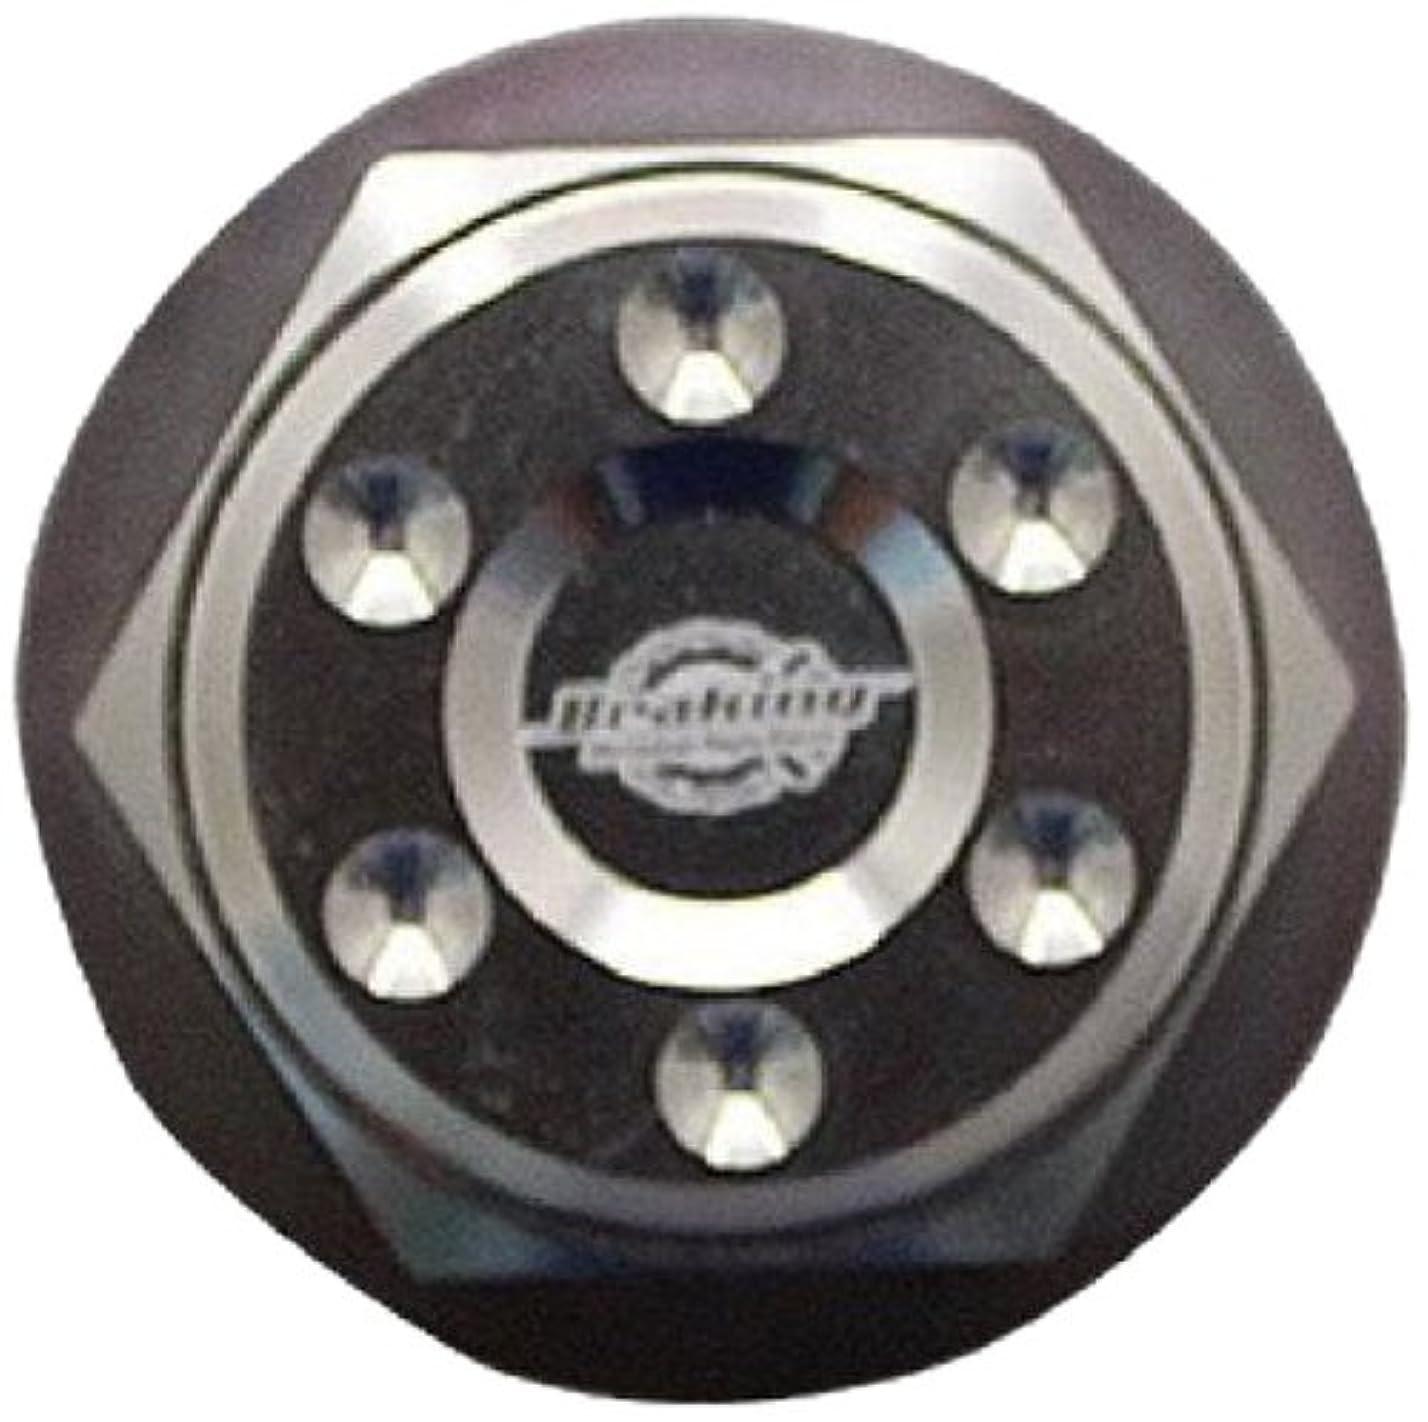 アライメントシネウィカリキュラムGROM/グロム(MSX125) CNC ステアリングステムナット シルバー(バイク用品/バイクパーツ)マッドマックス【MADMAX】 MM19-0301S